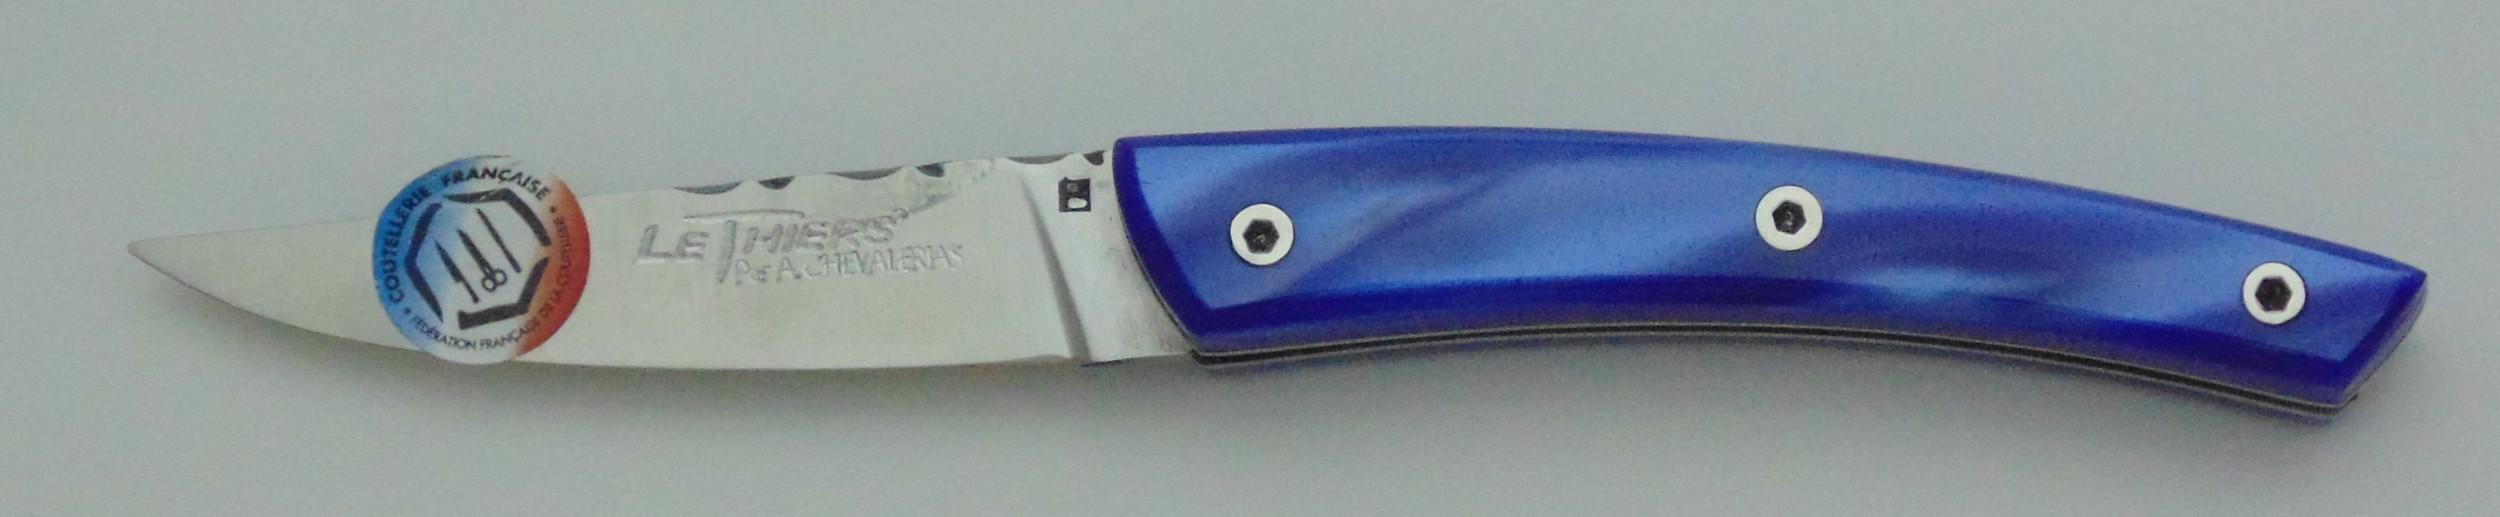 thiers visse 1p 9cm bleu